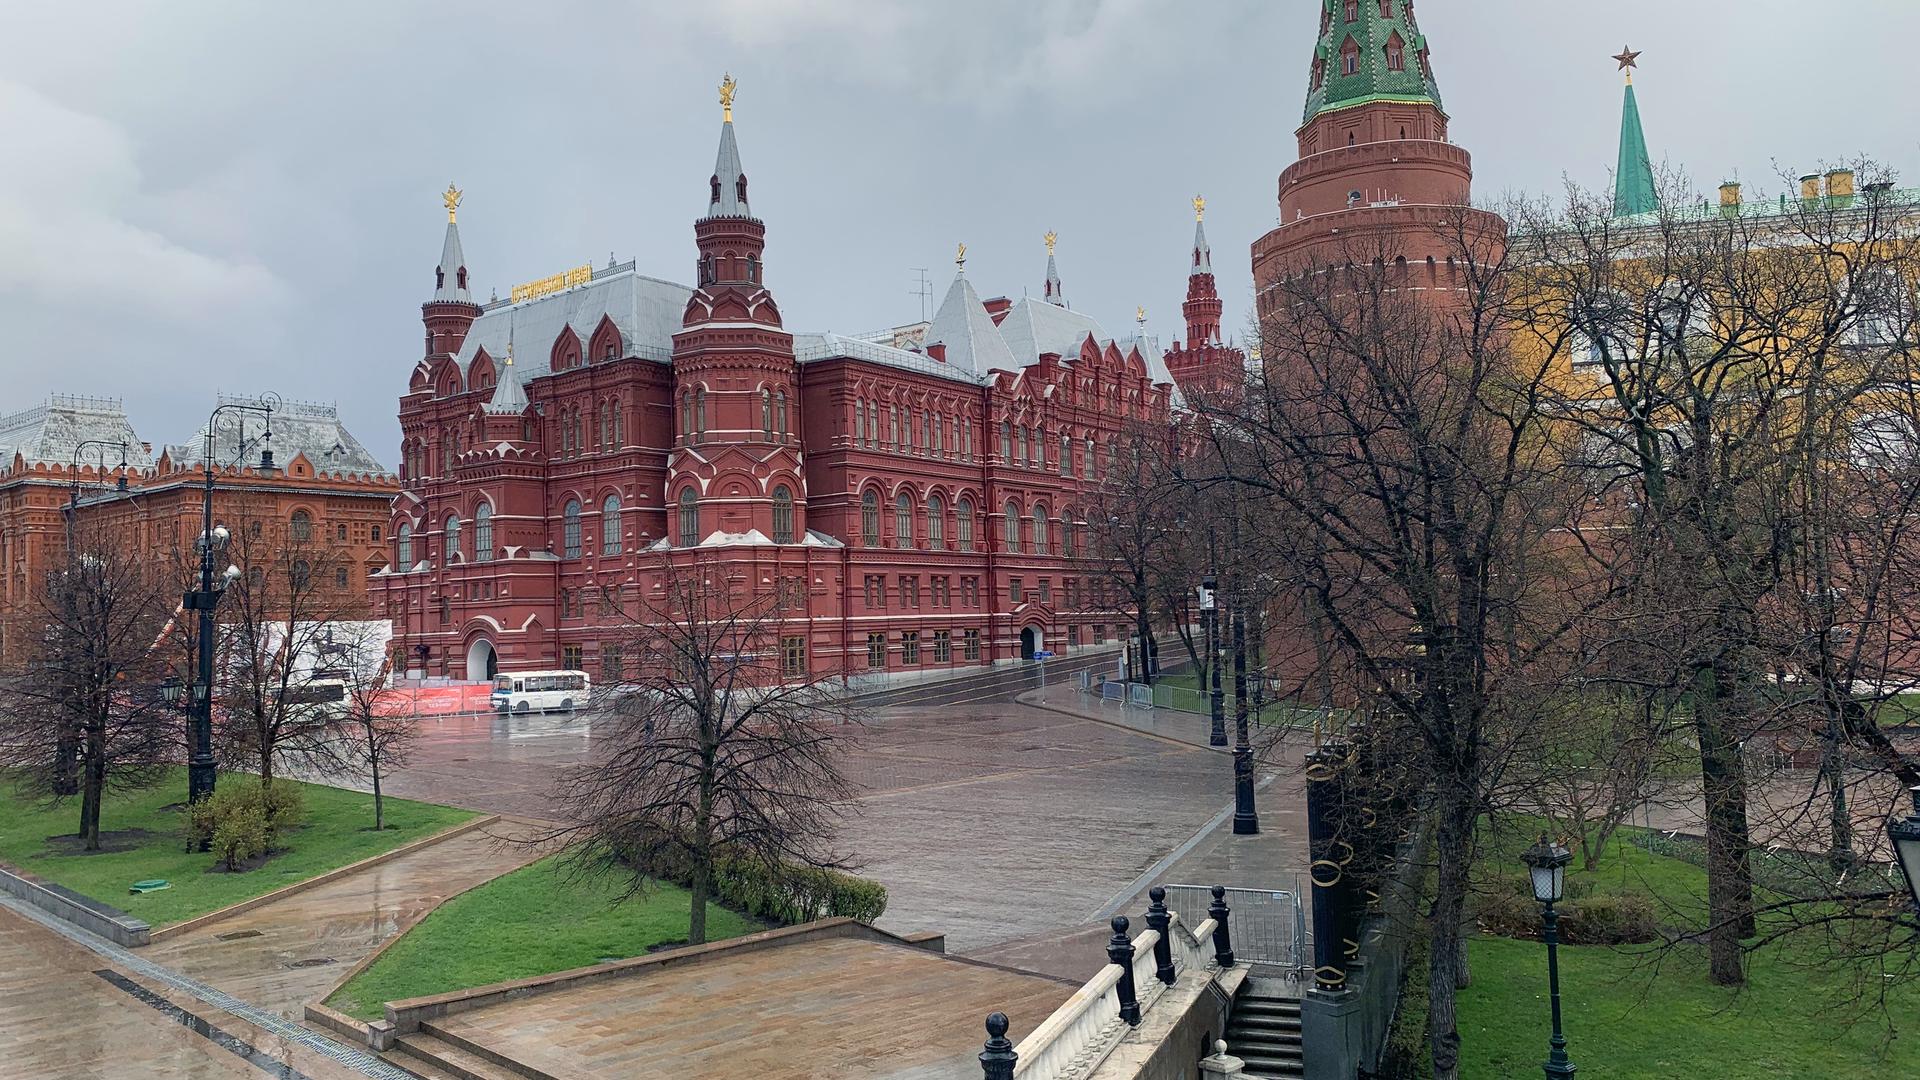 Манежная площадь в Москве 17 апреля 2020 года - РИА Новости, 1920, 04.05.2021